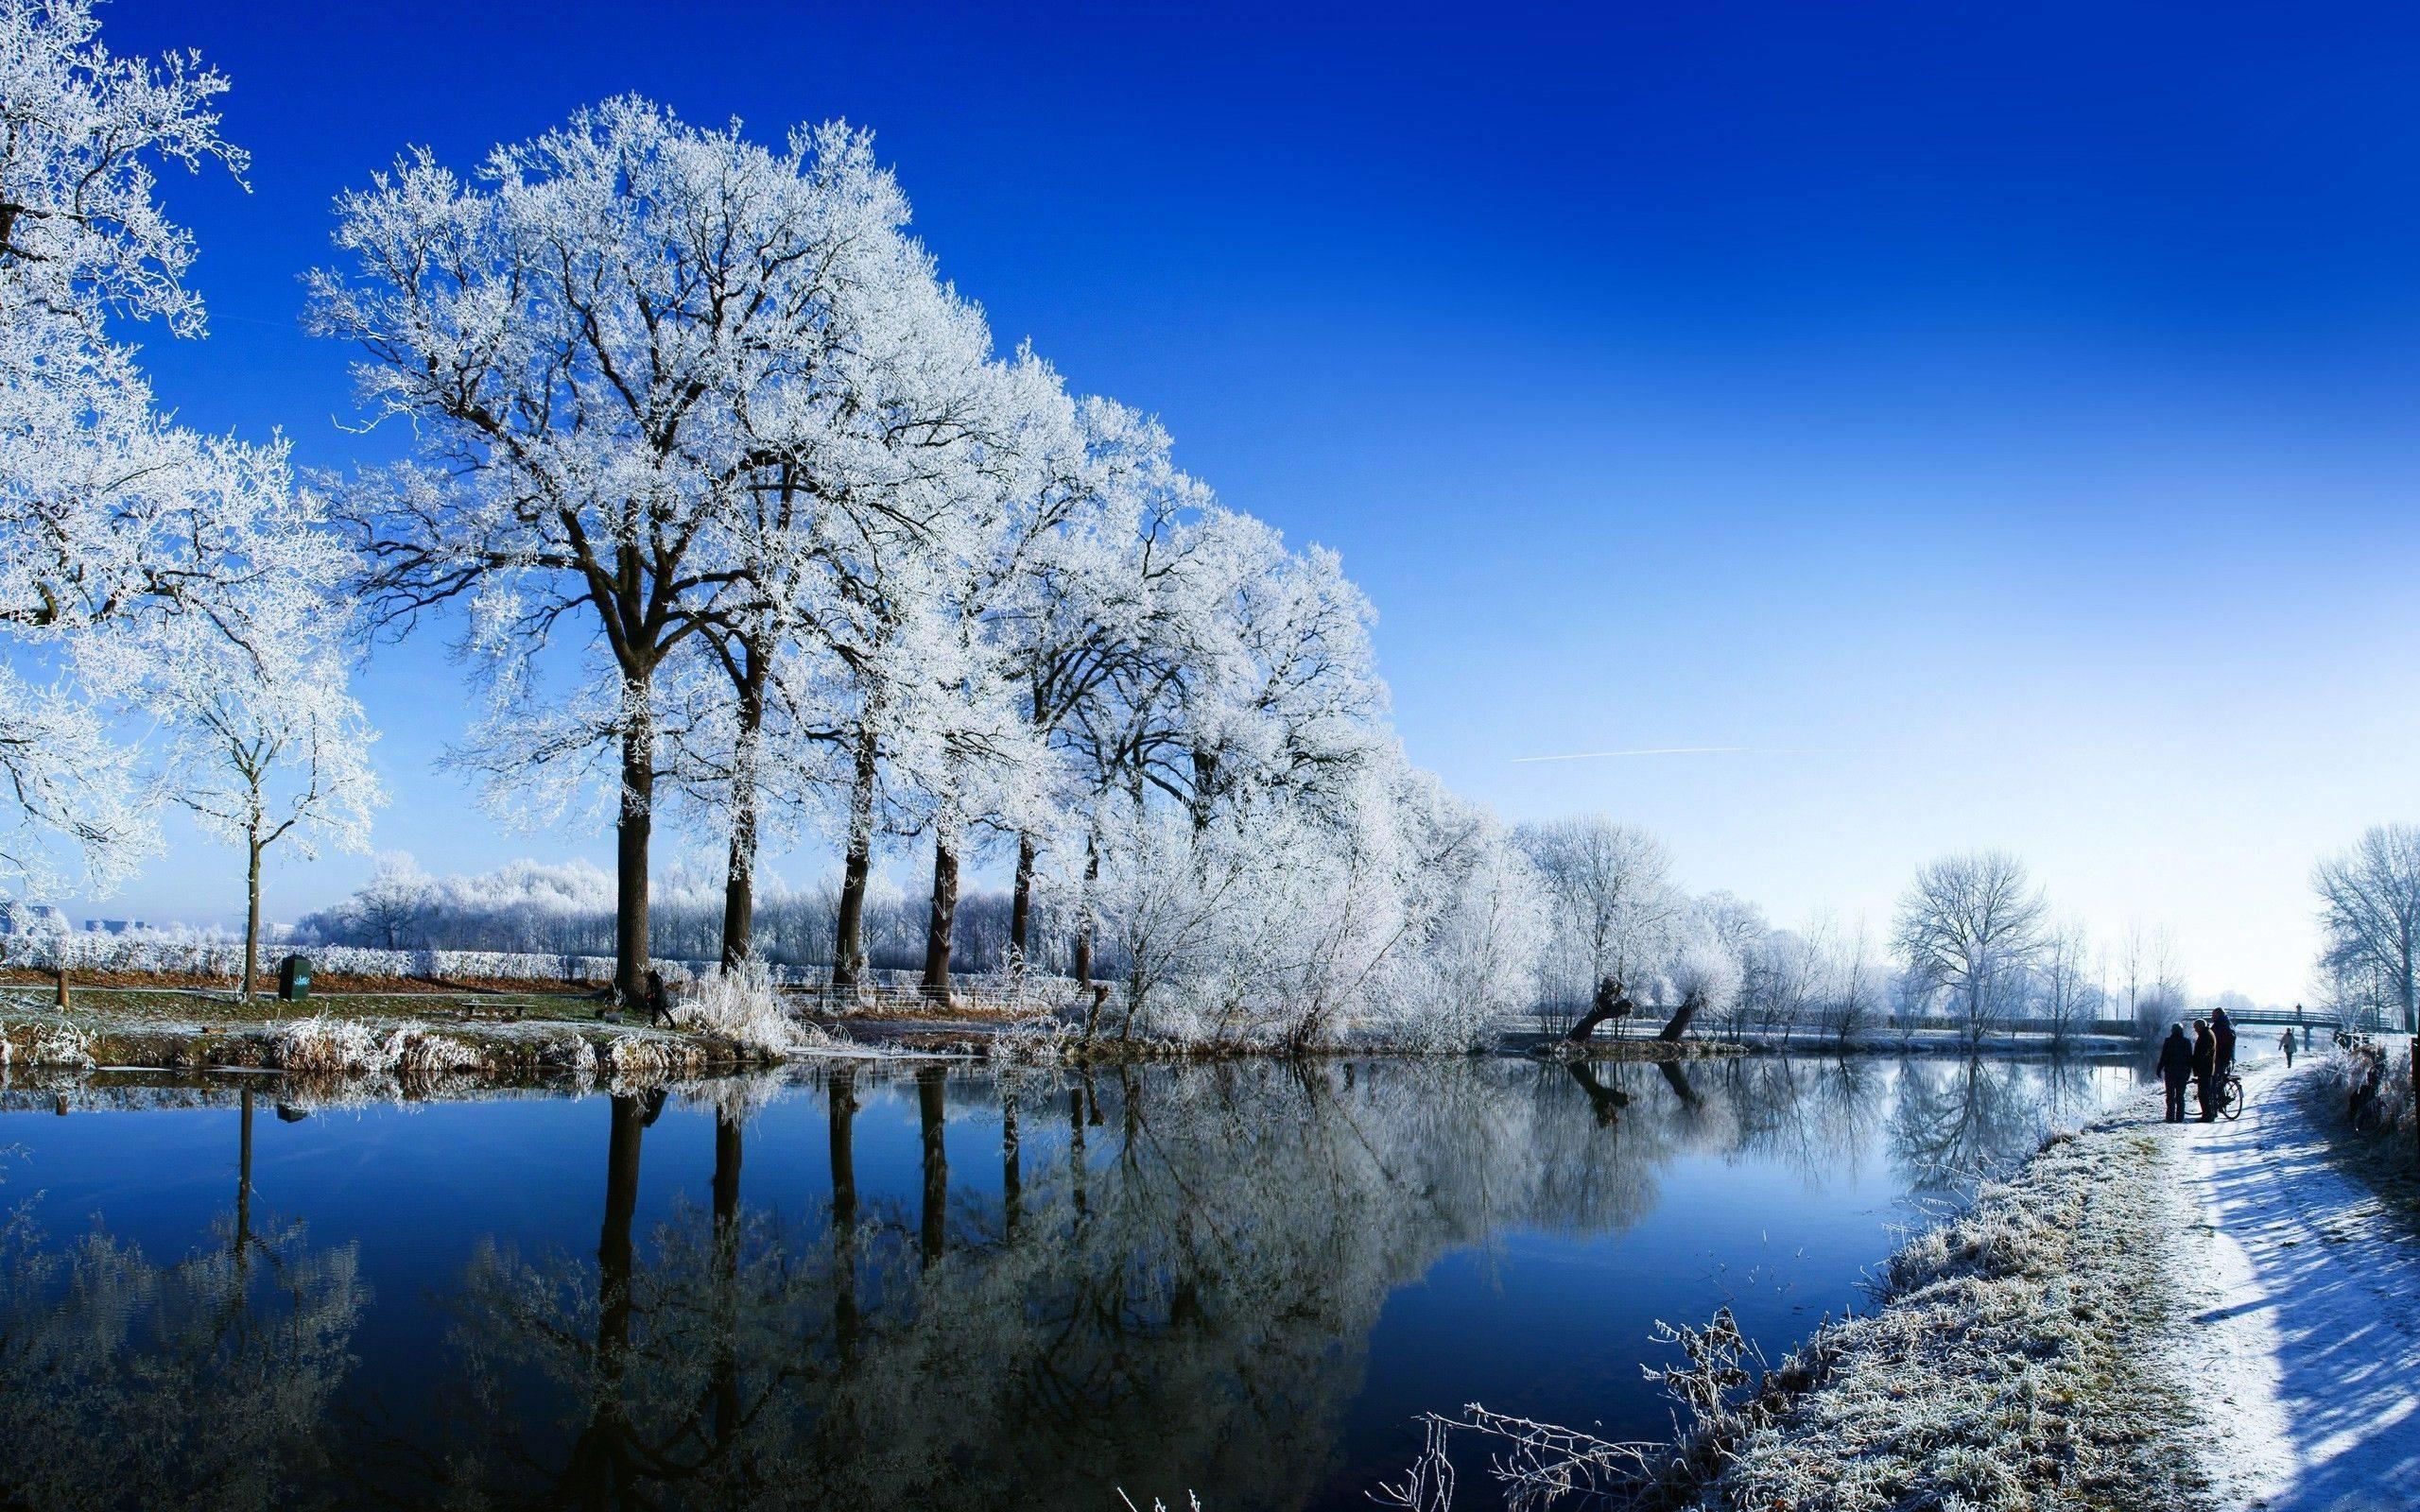 Winter landscape Wallpaper #